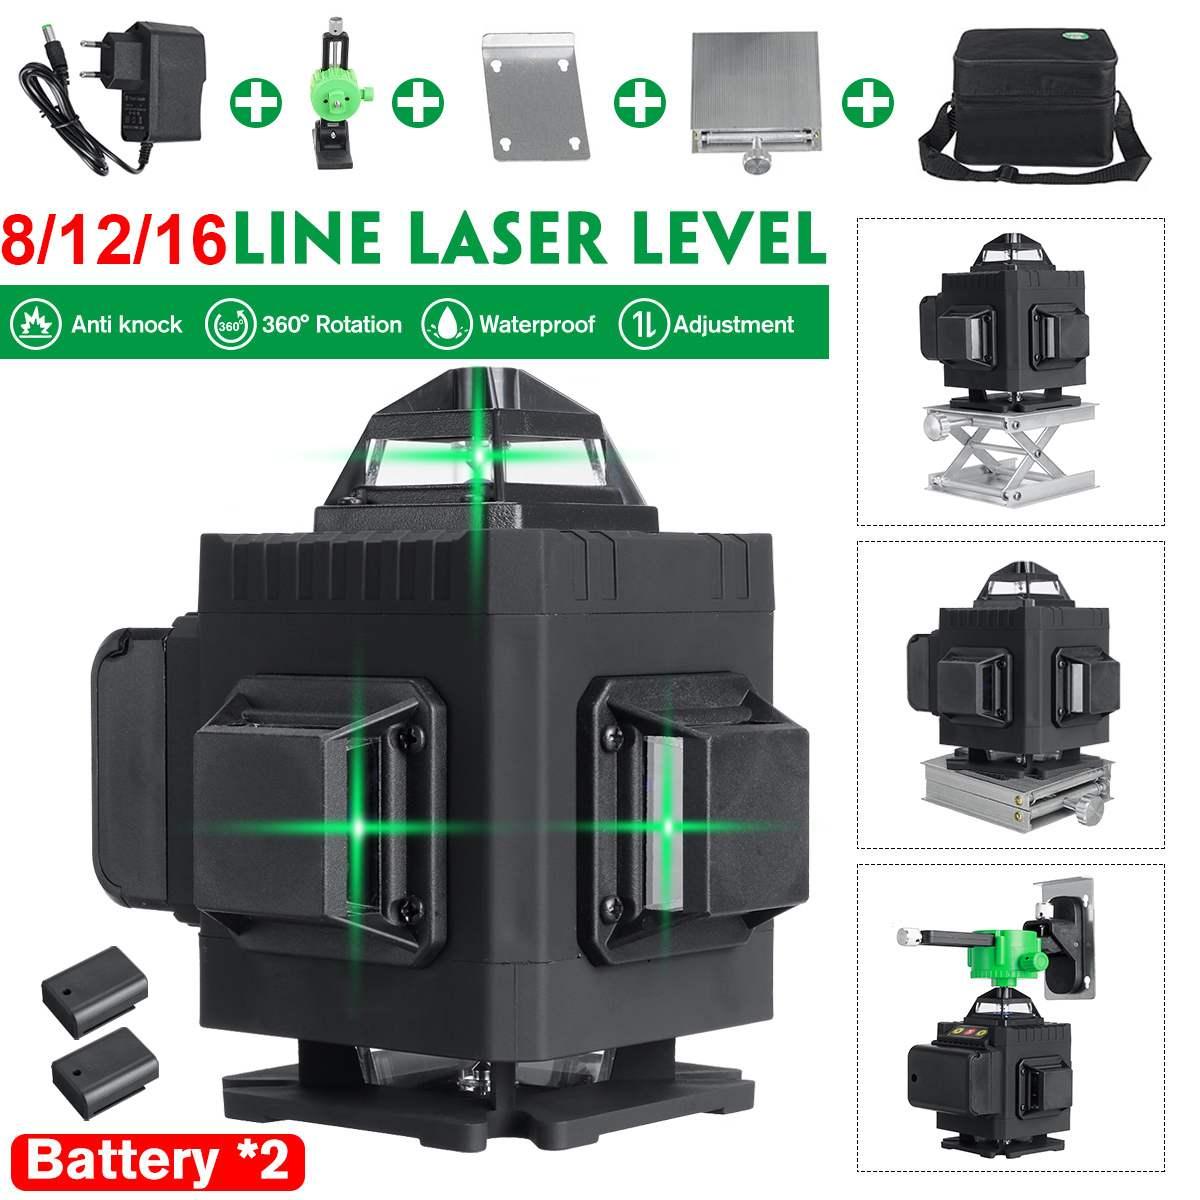 16 خطوط 4D الأخضر مستوى الليزر مع 2 بطاريات الذاتي الإستواء اللاسلكية التحكم عن بعد 360 الأفقي الرأسي عبر جدار قوس